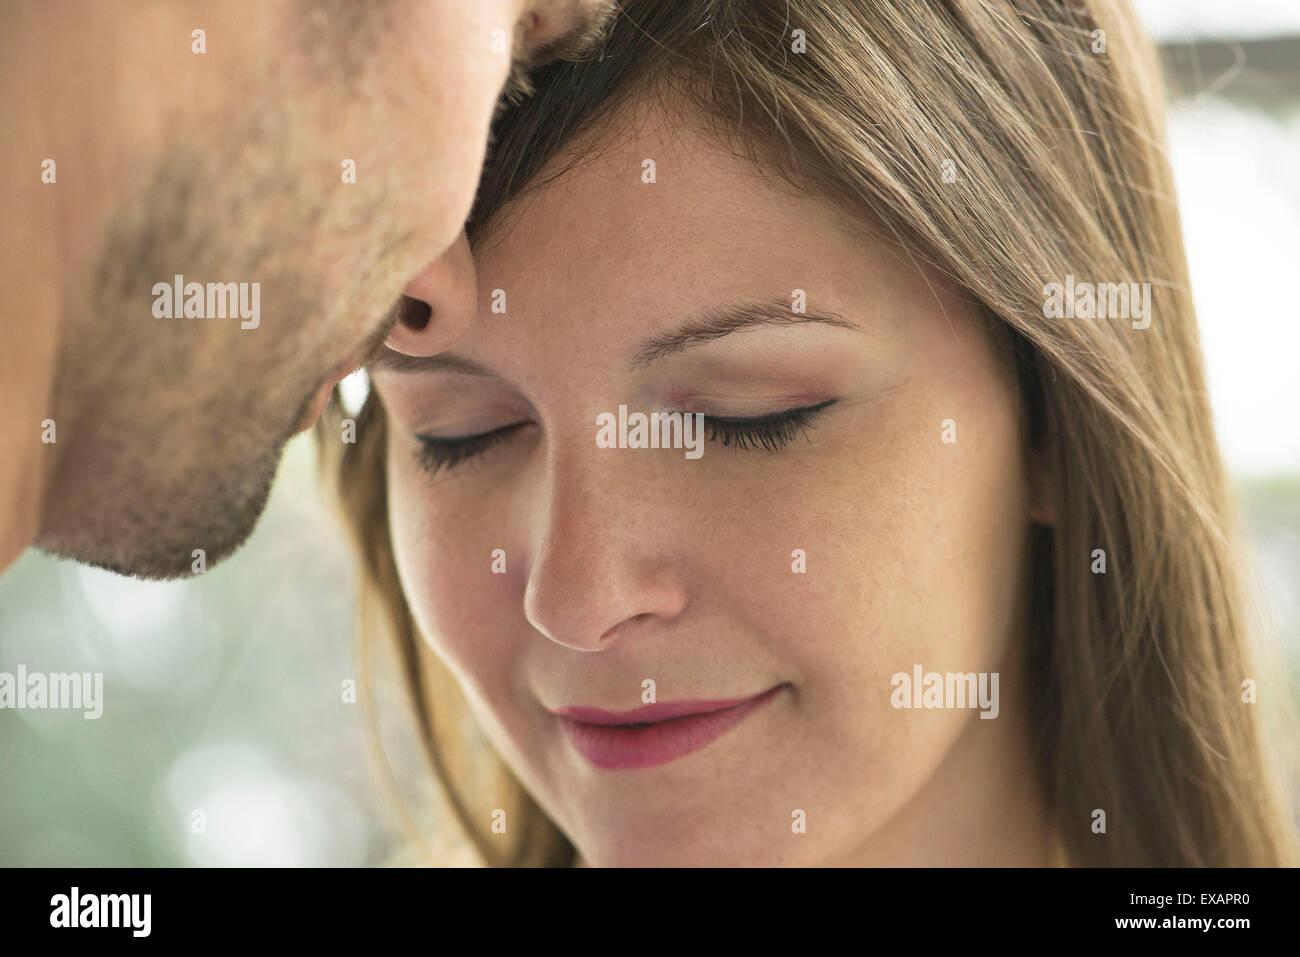 Couple nuzzling, close-up - Stock Image